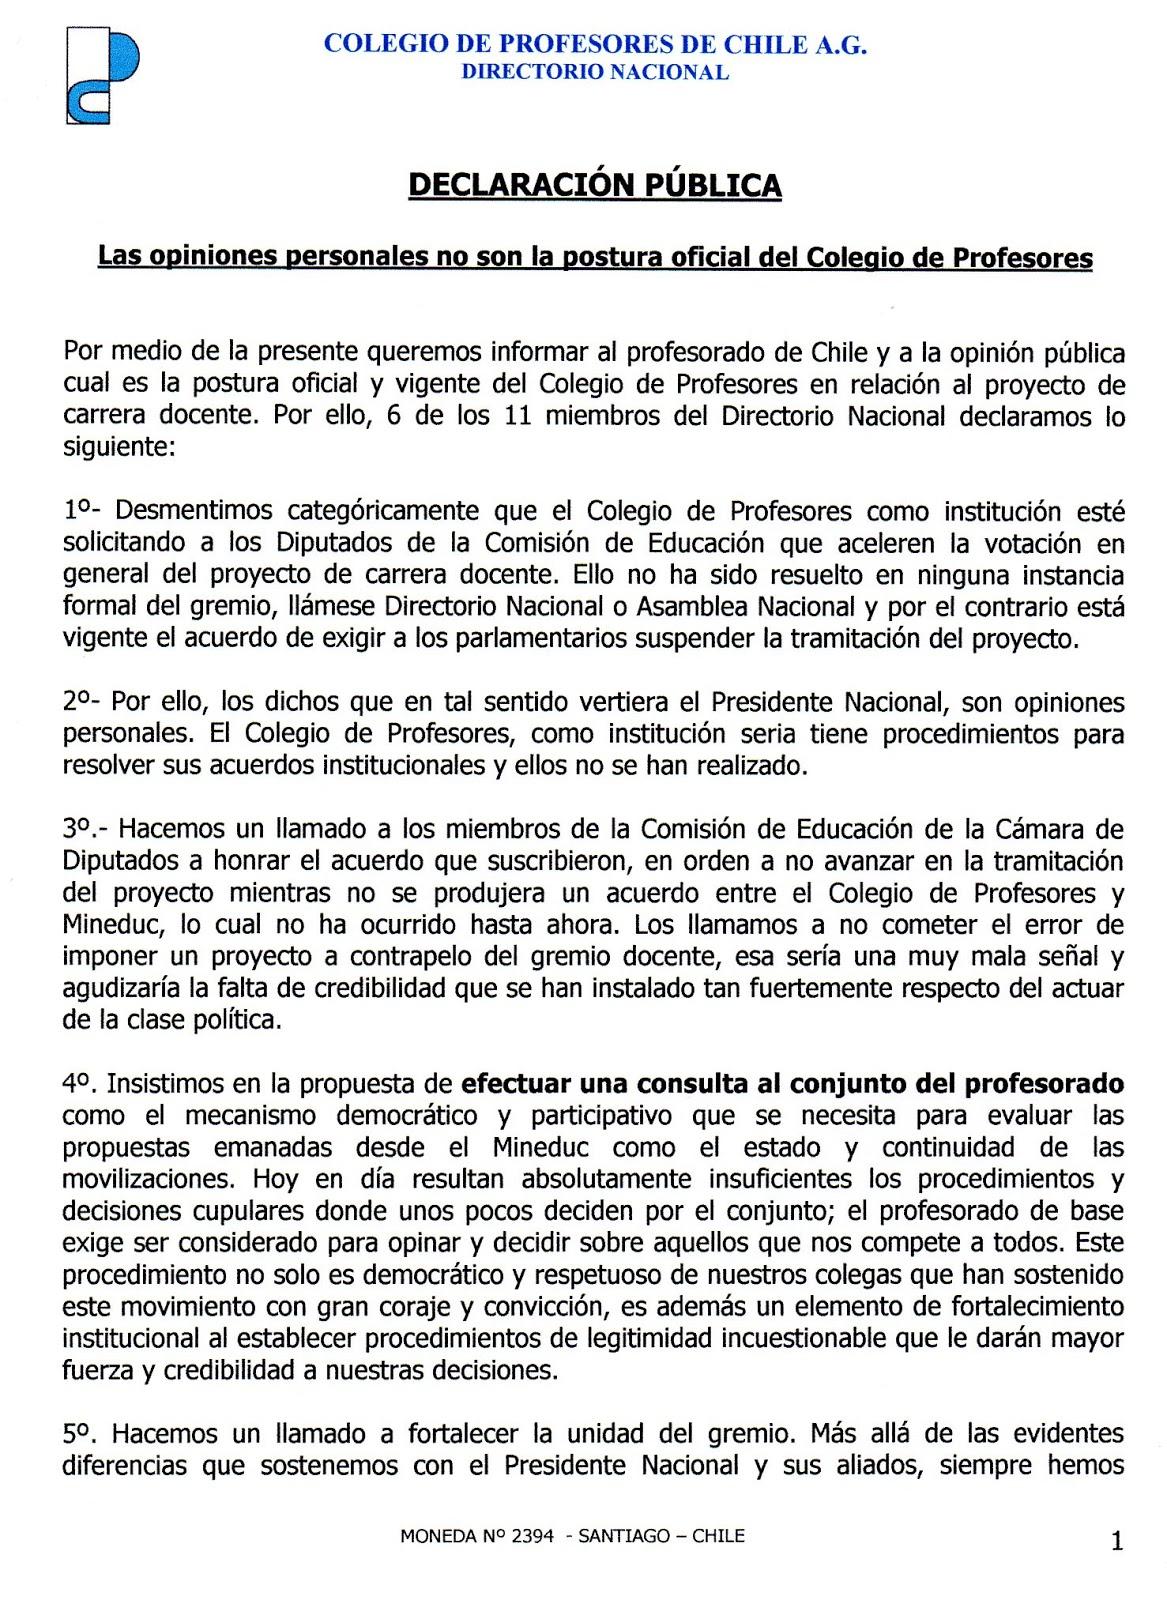 Colegio de Profesores Valdivia Regional los Ríos: 1/07/15